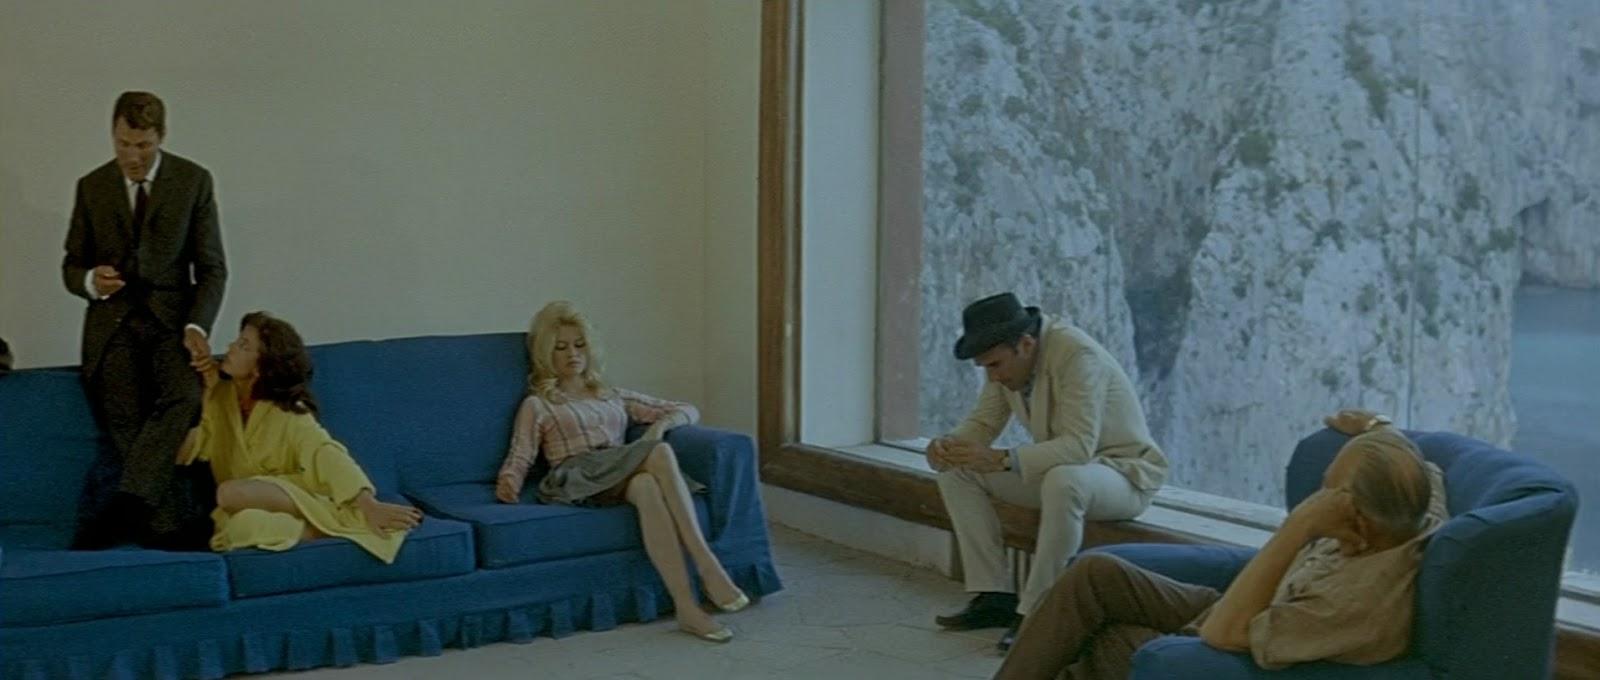 Le Mepris by Jean-Luc Godard